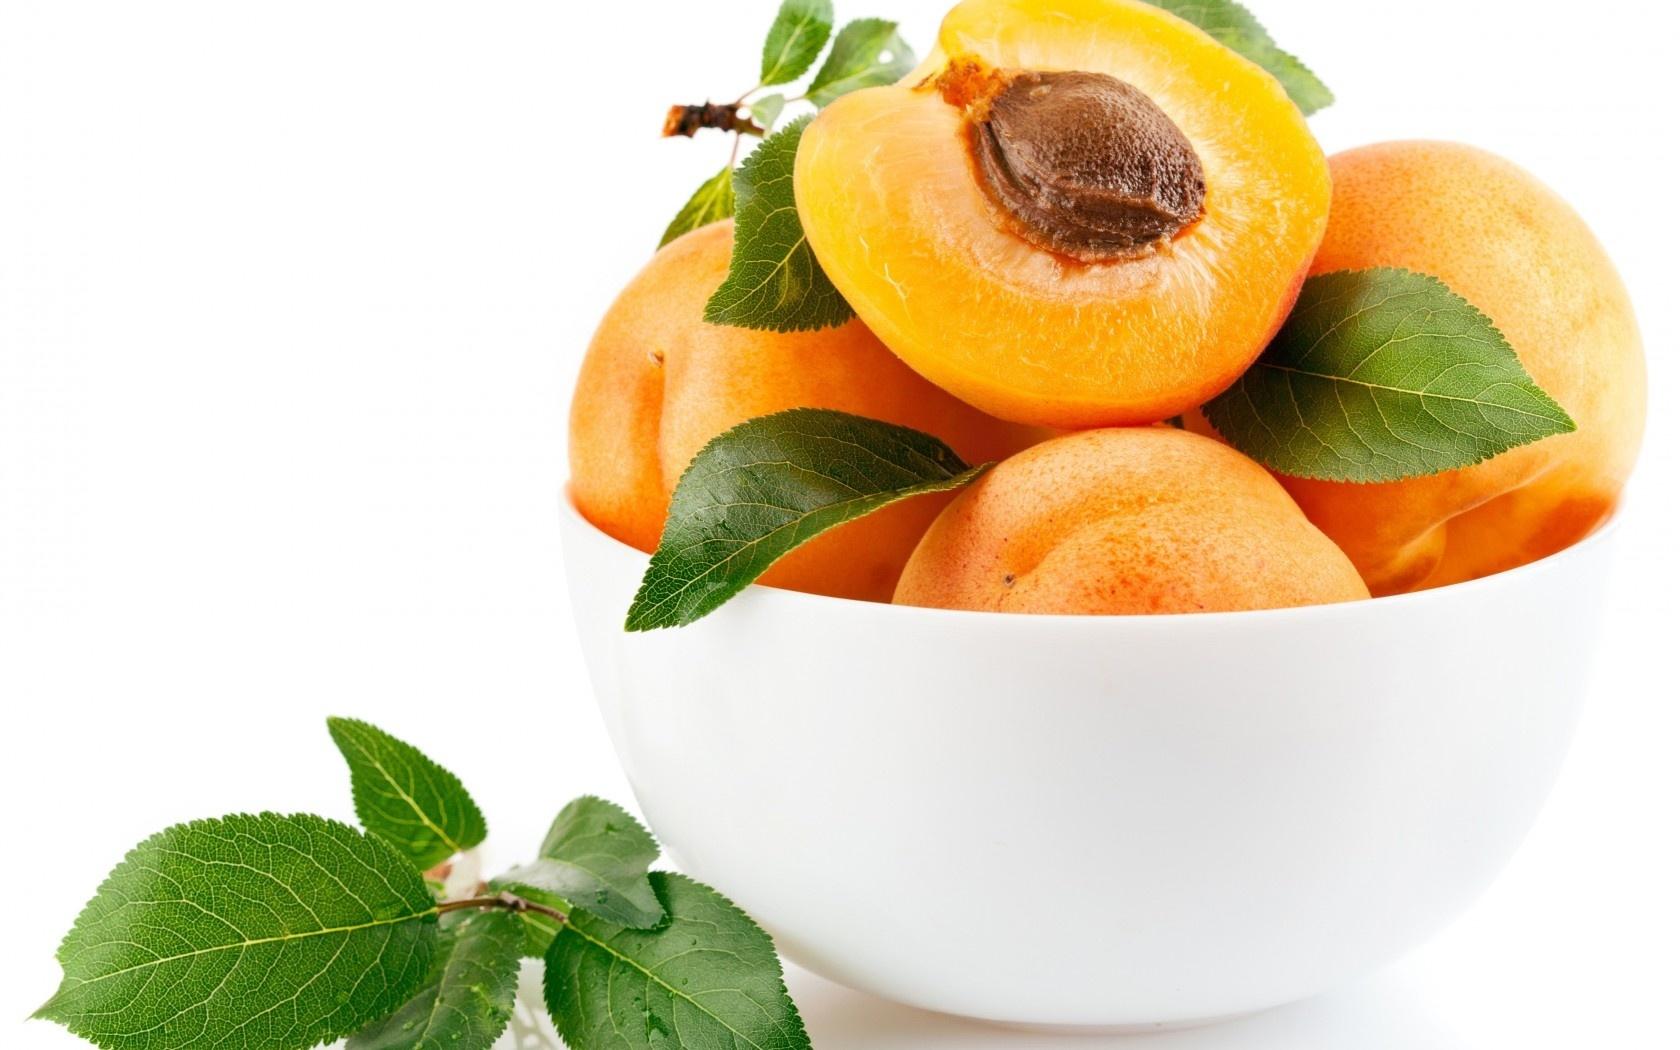 Плоды в белой миске